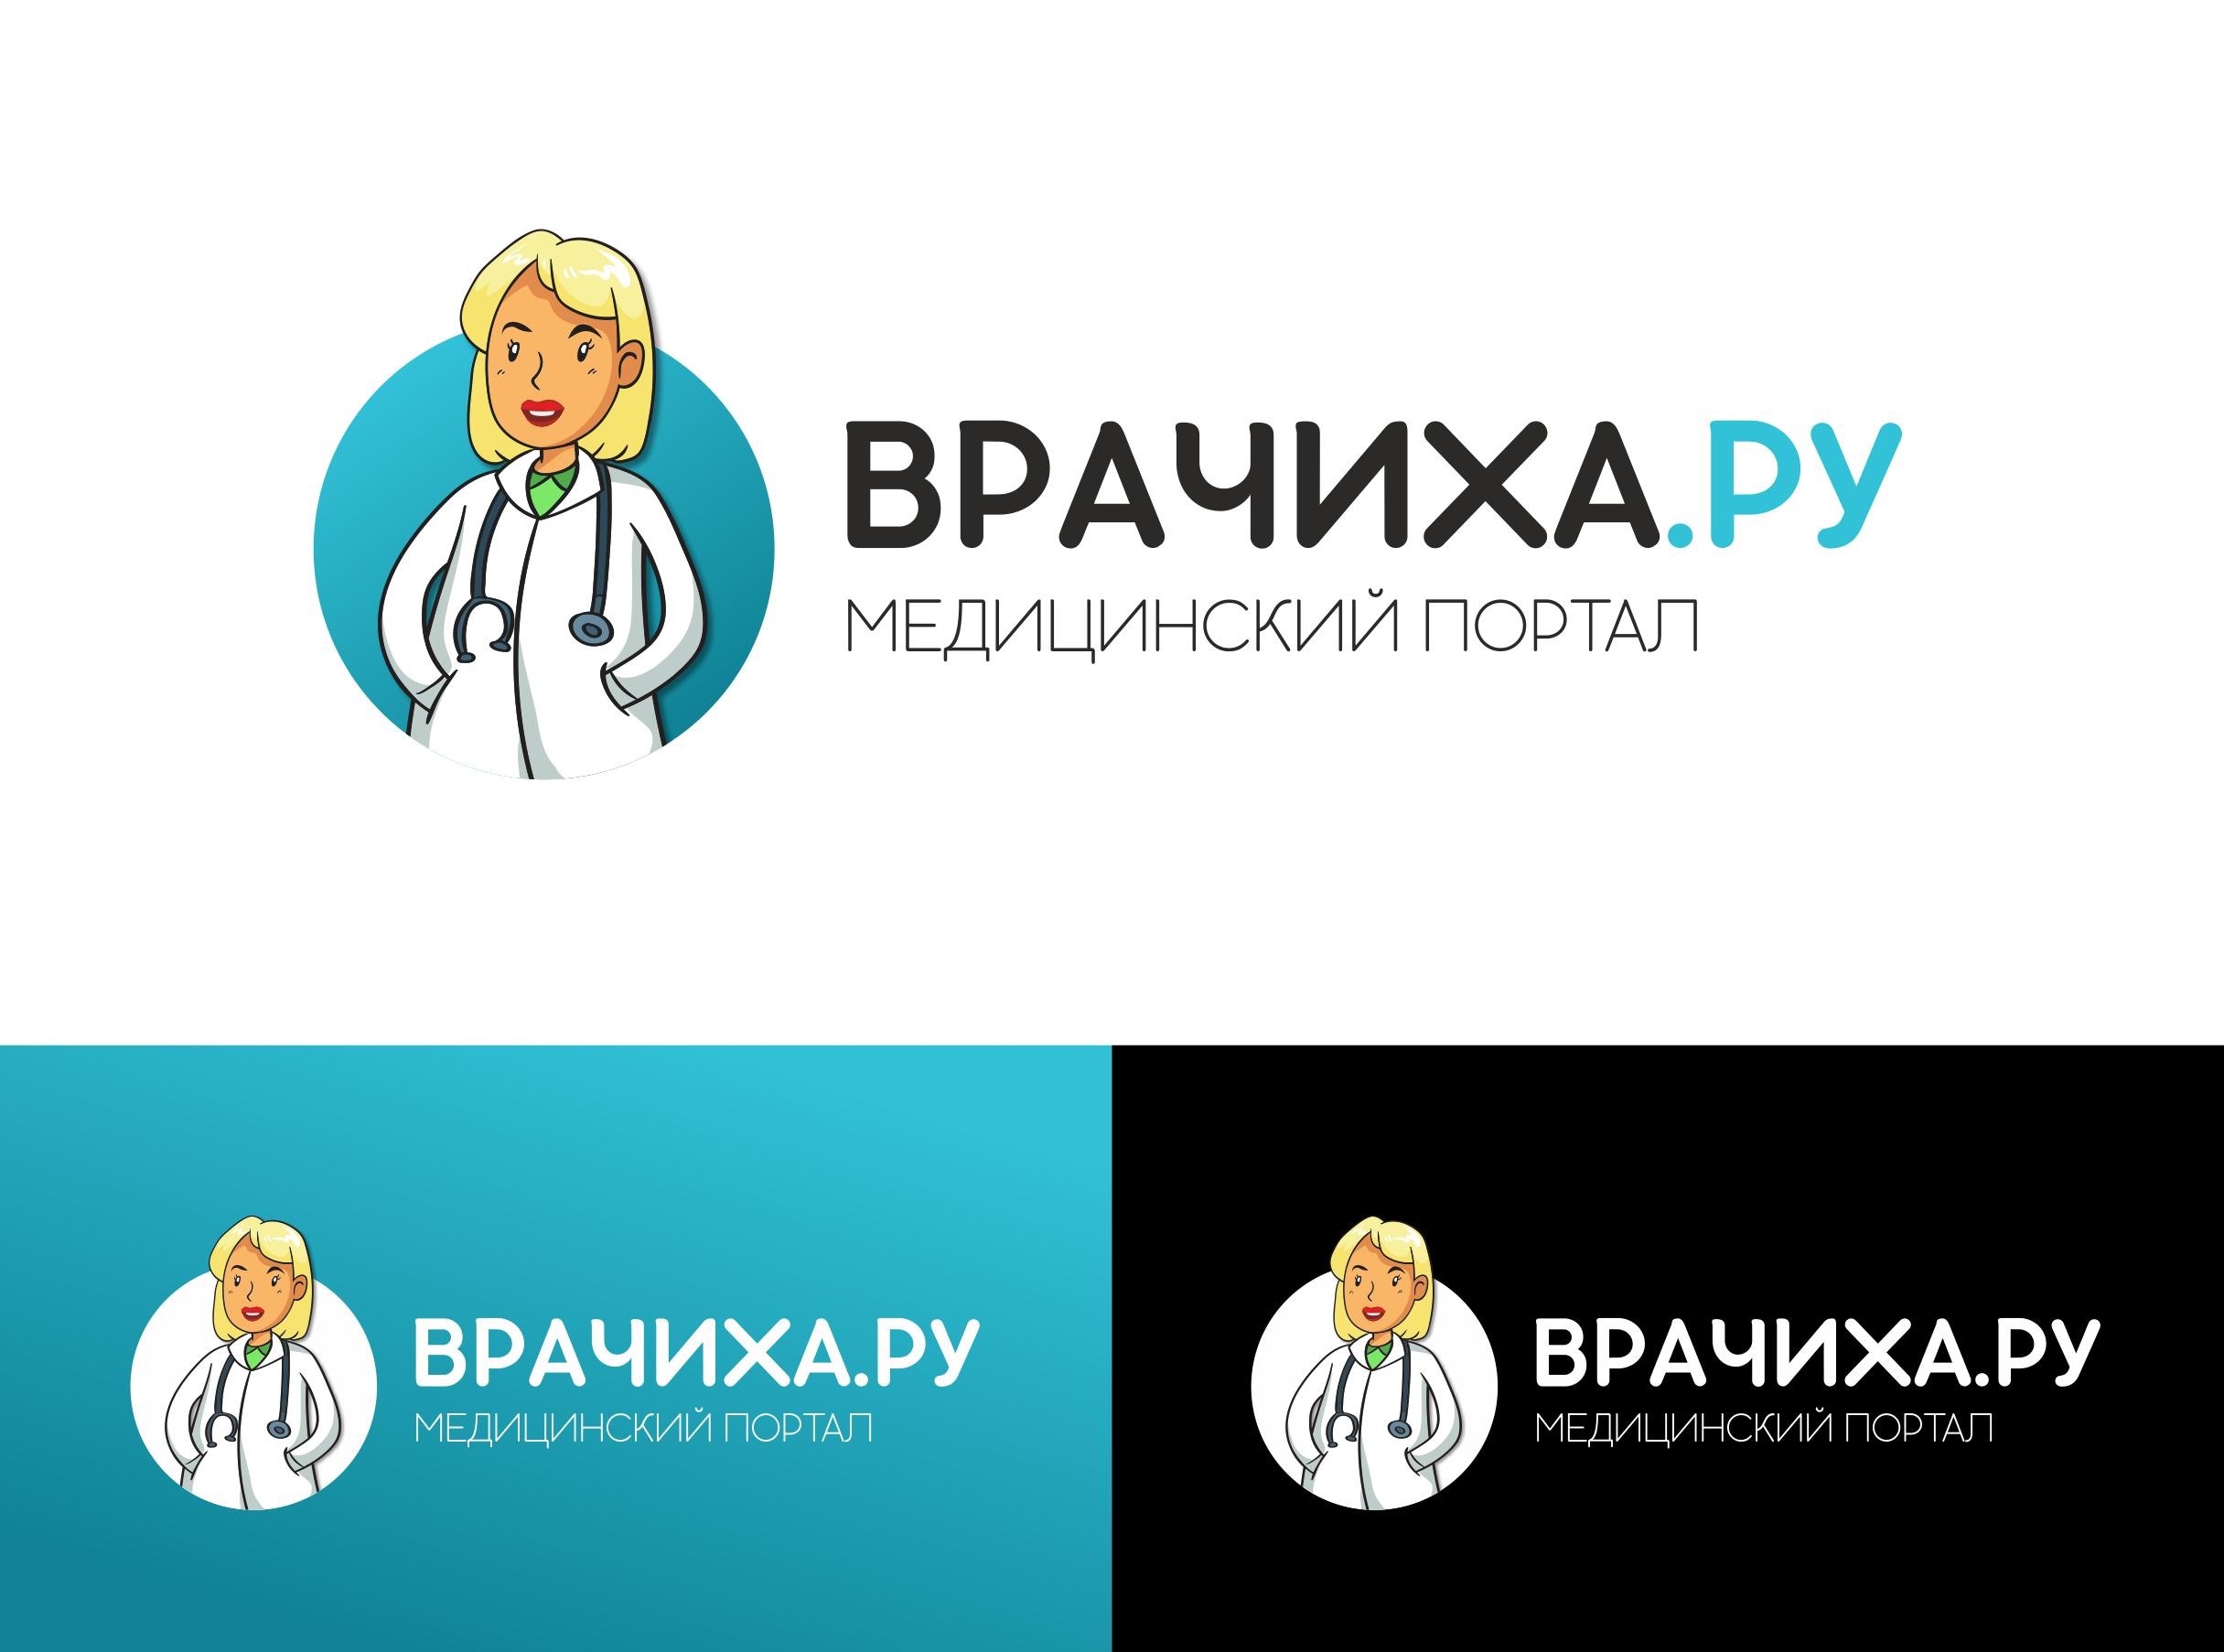 Необходимо разработать логотип для медицинского портала фото f_0175c05c27a4fed2.png